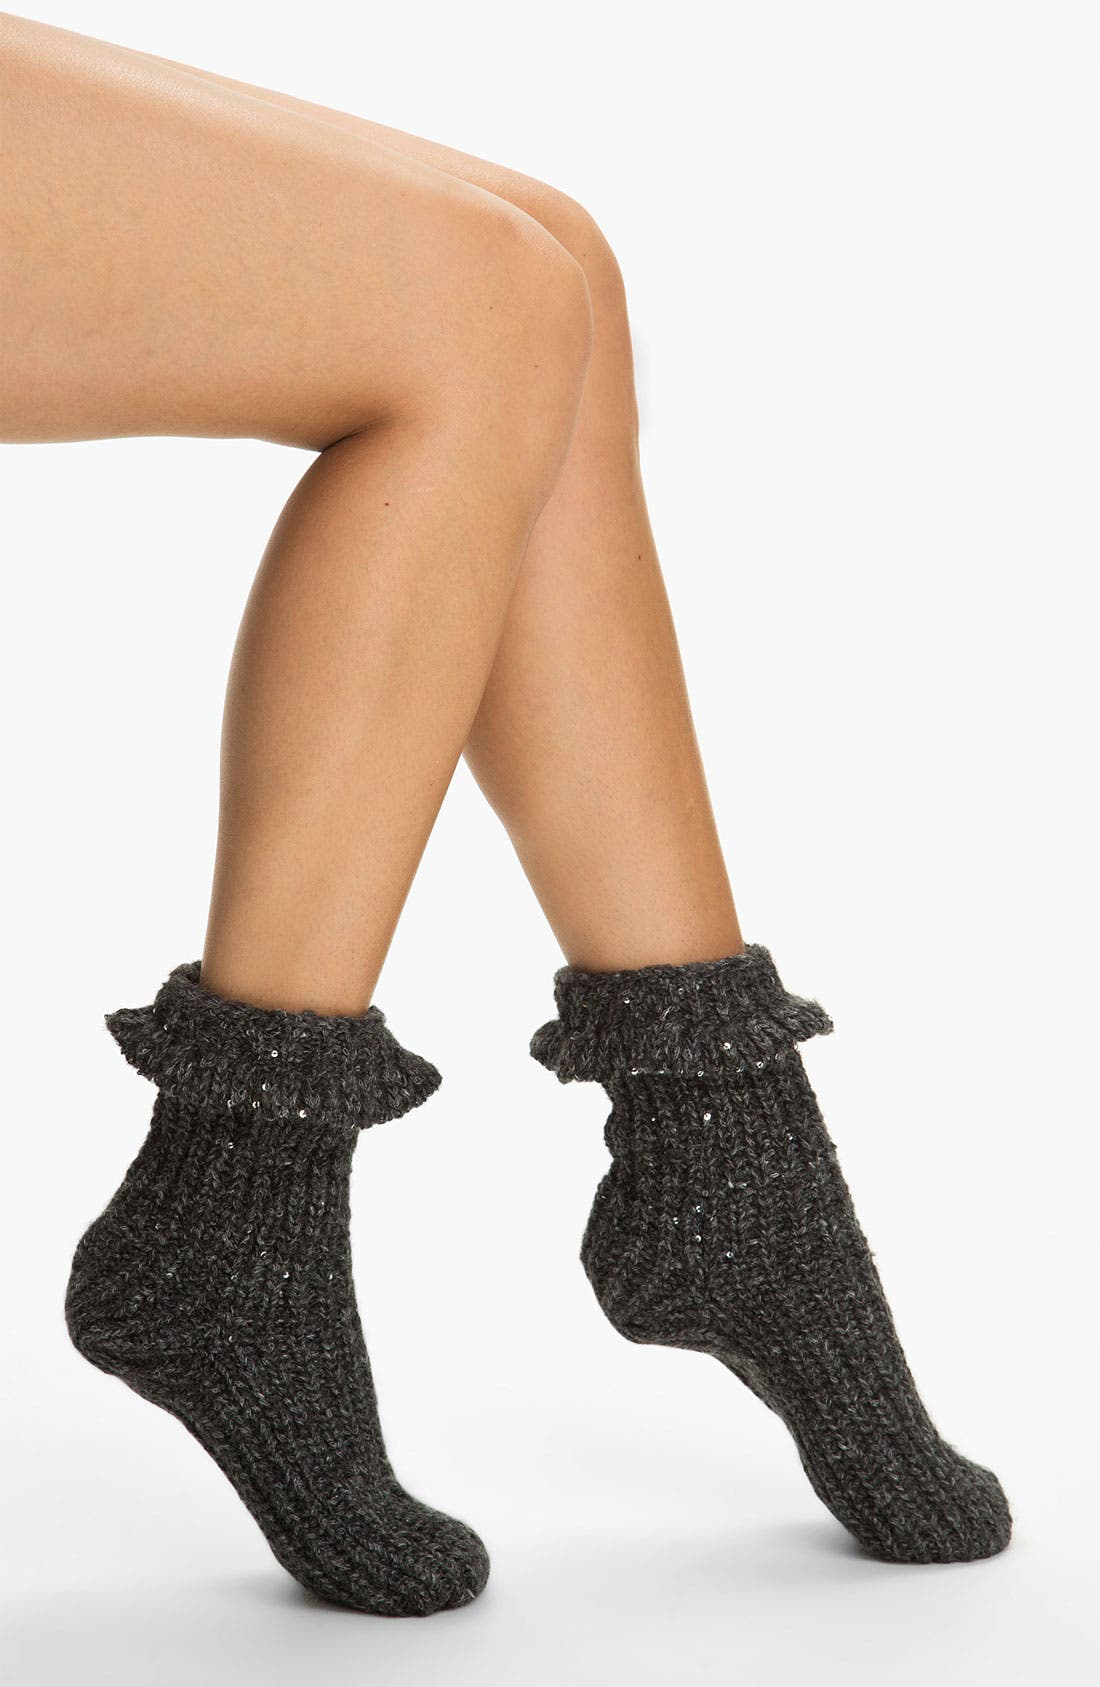 Alternate Image 1 Selected - Nordstrom 'Sparkle' Slipper Socks